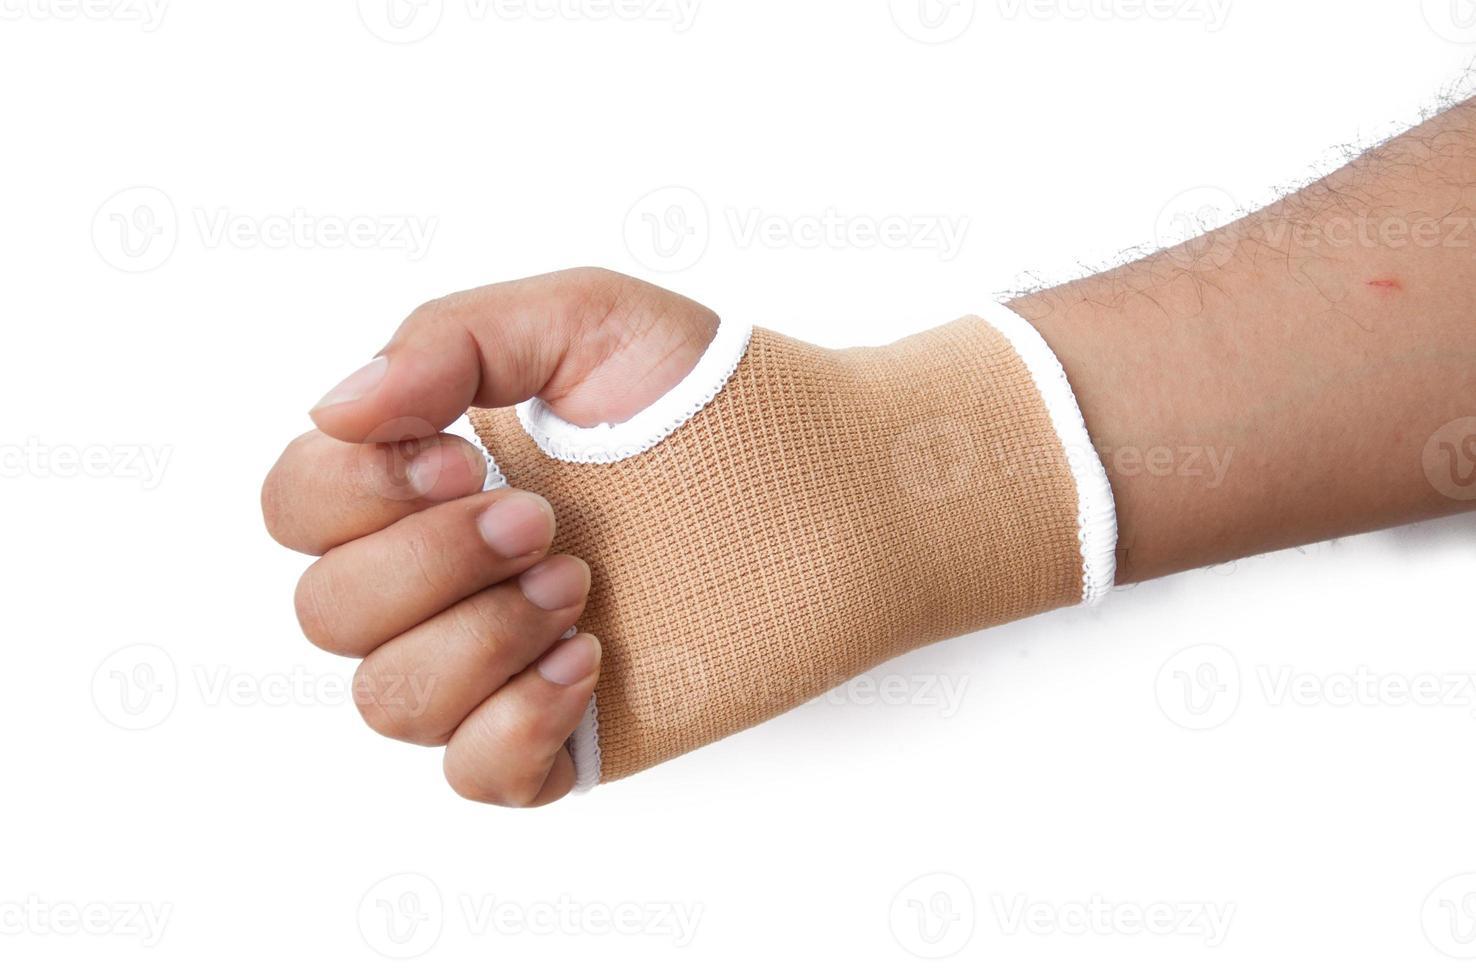 férula de mano de primer plano para el tratamiento de hueso roto aislado en blanco foto